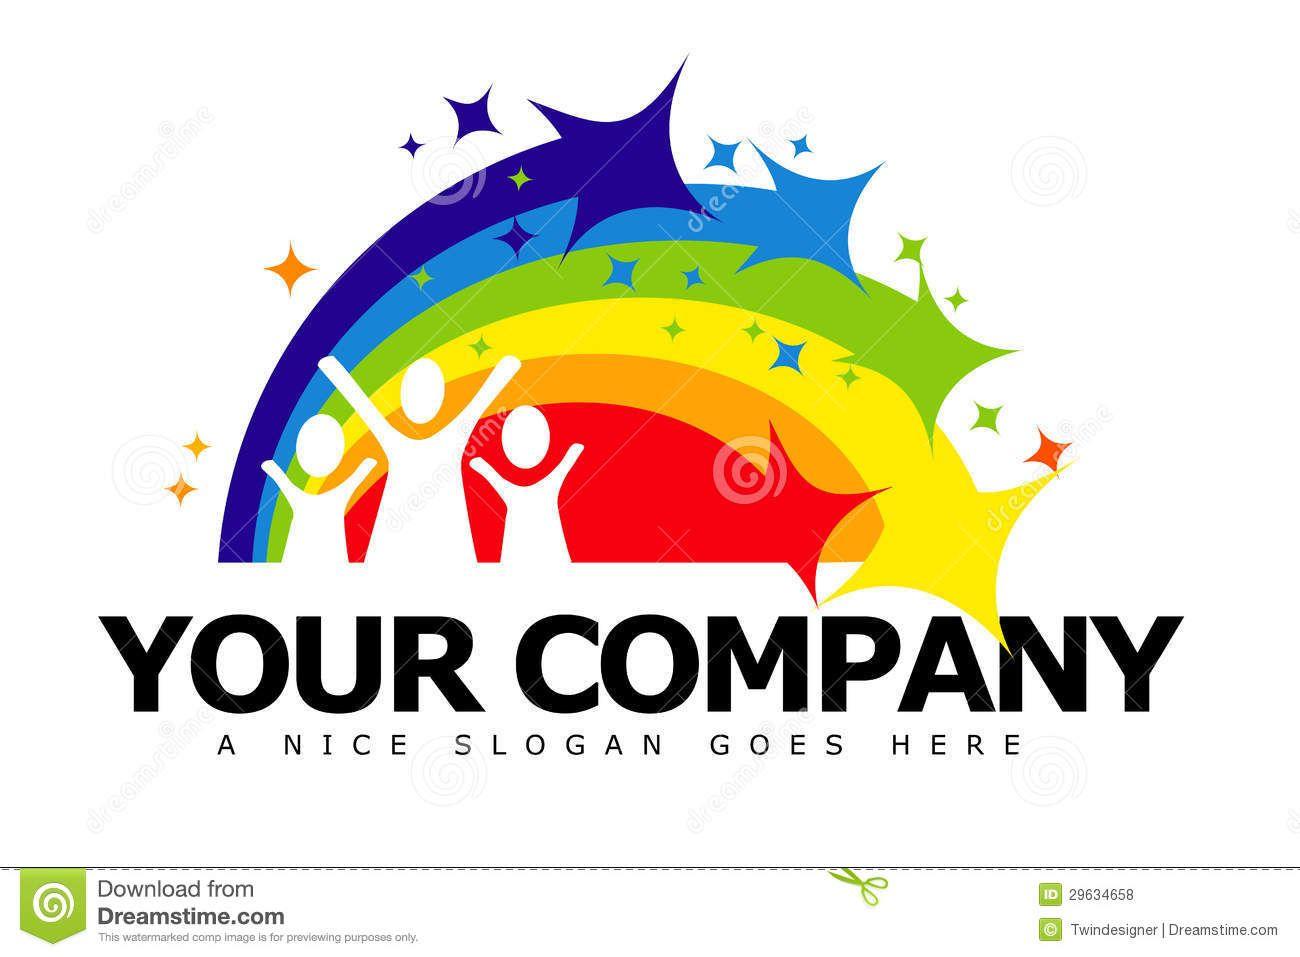 Nursery Logo - Over 28 Million High Quality